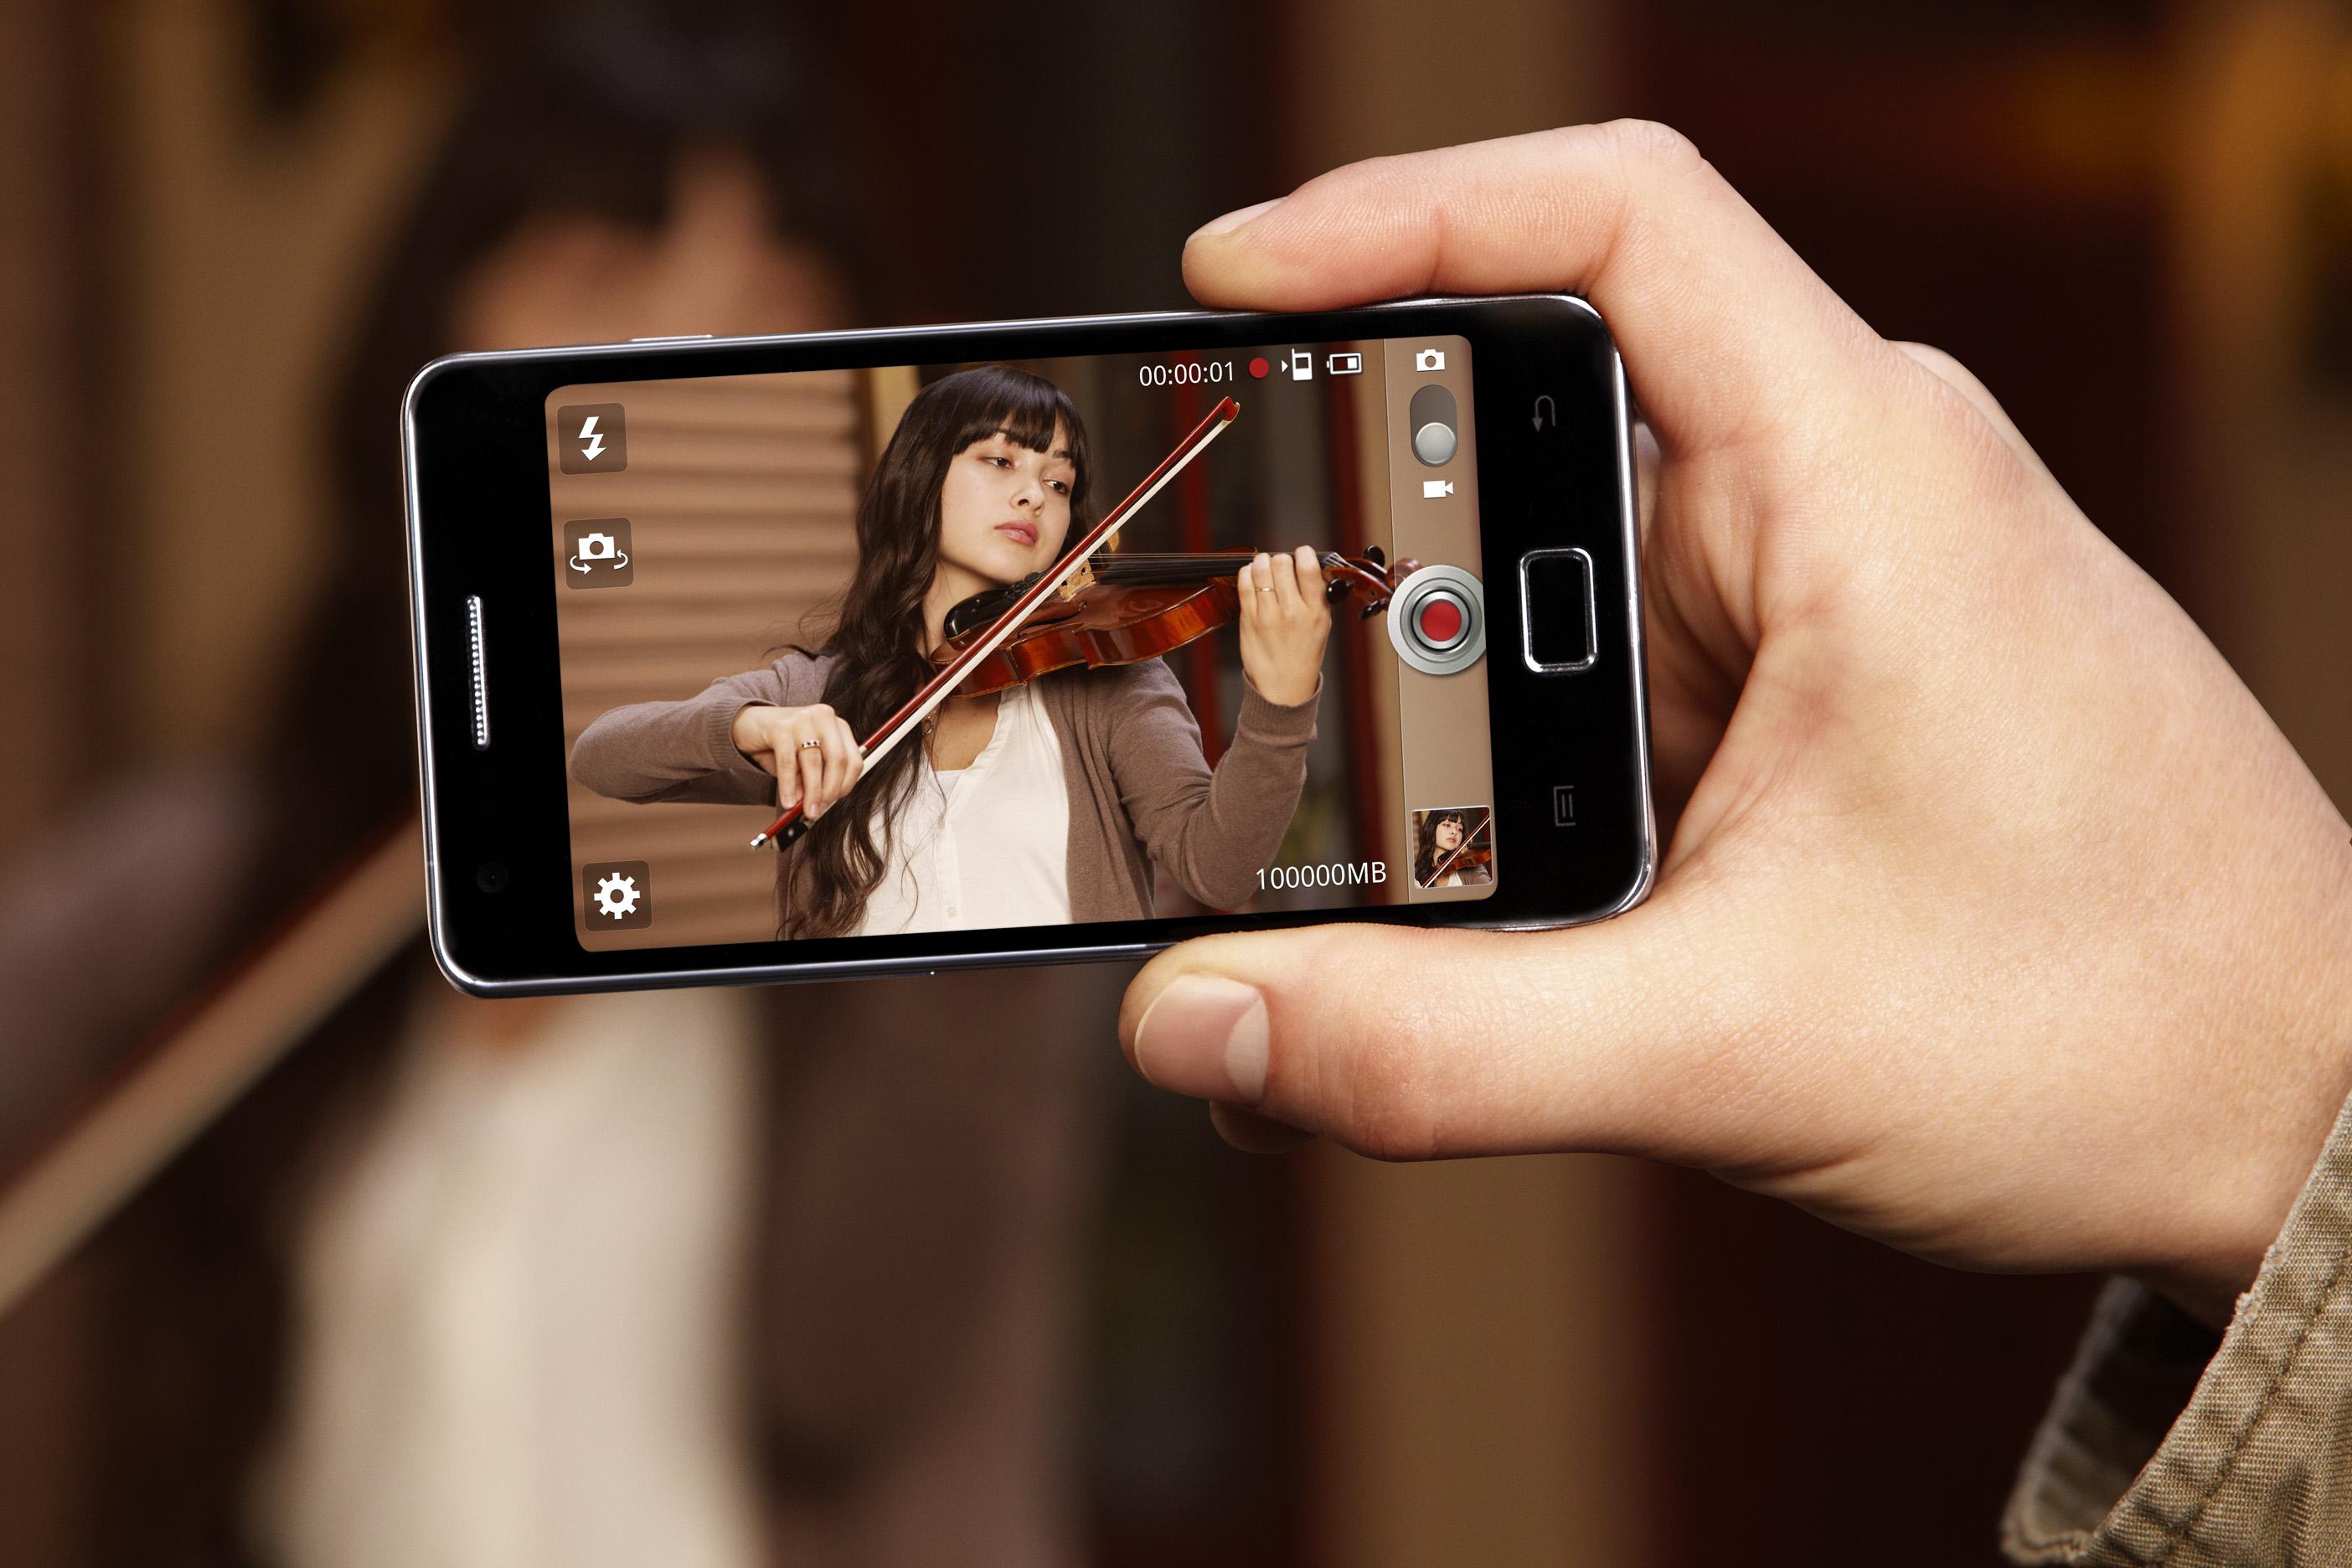 какой смартфон лучше всех фотографирует чествуем тебя